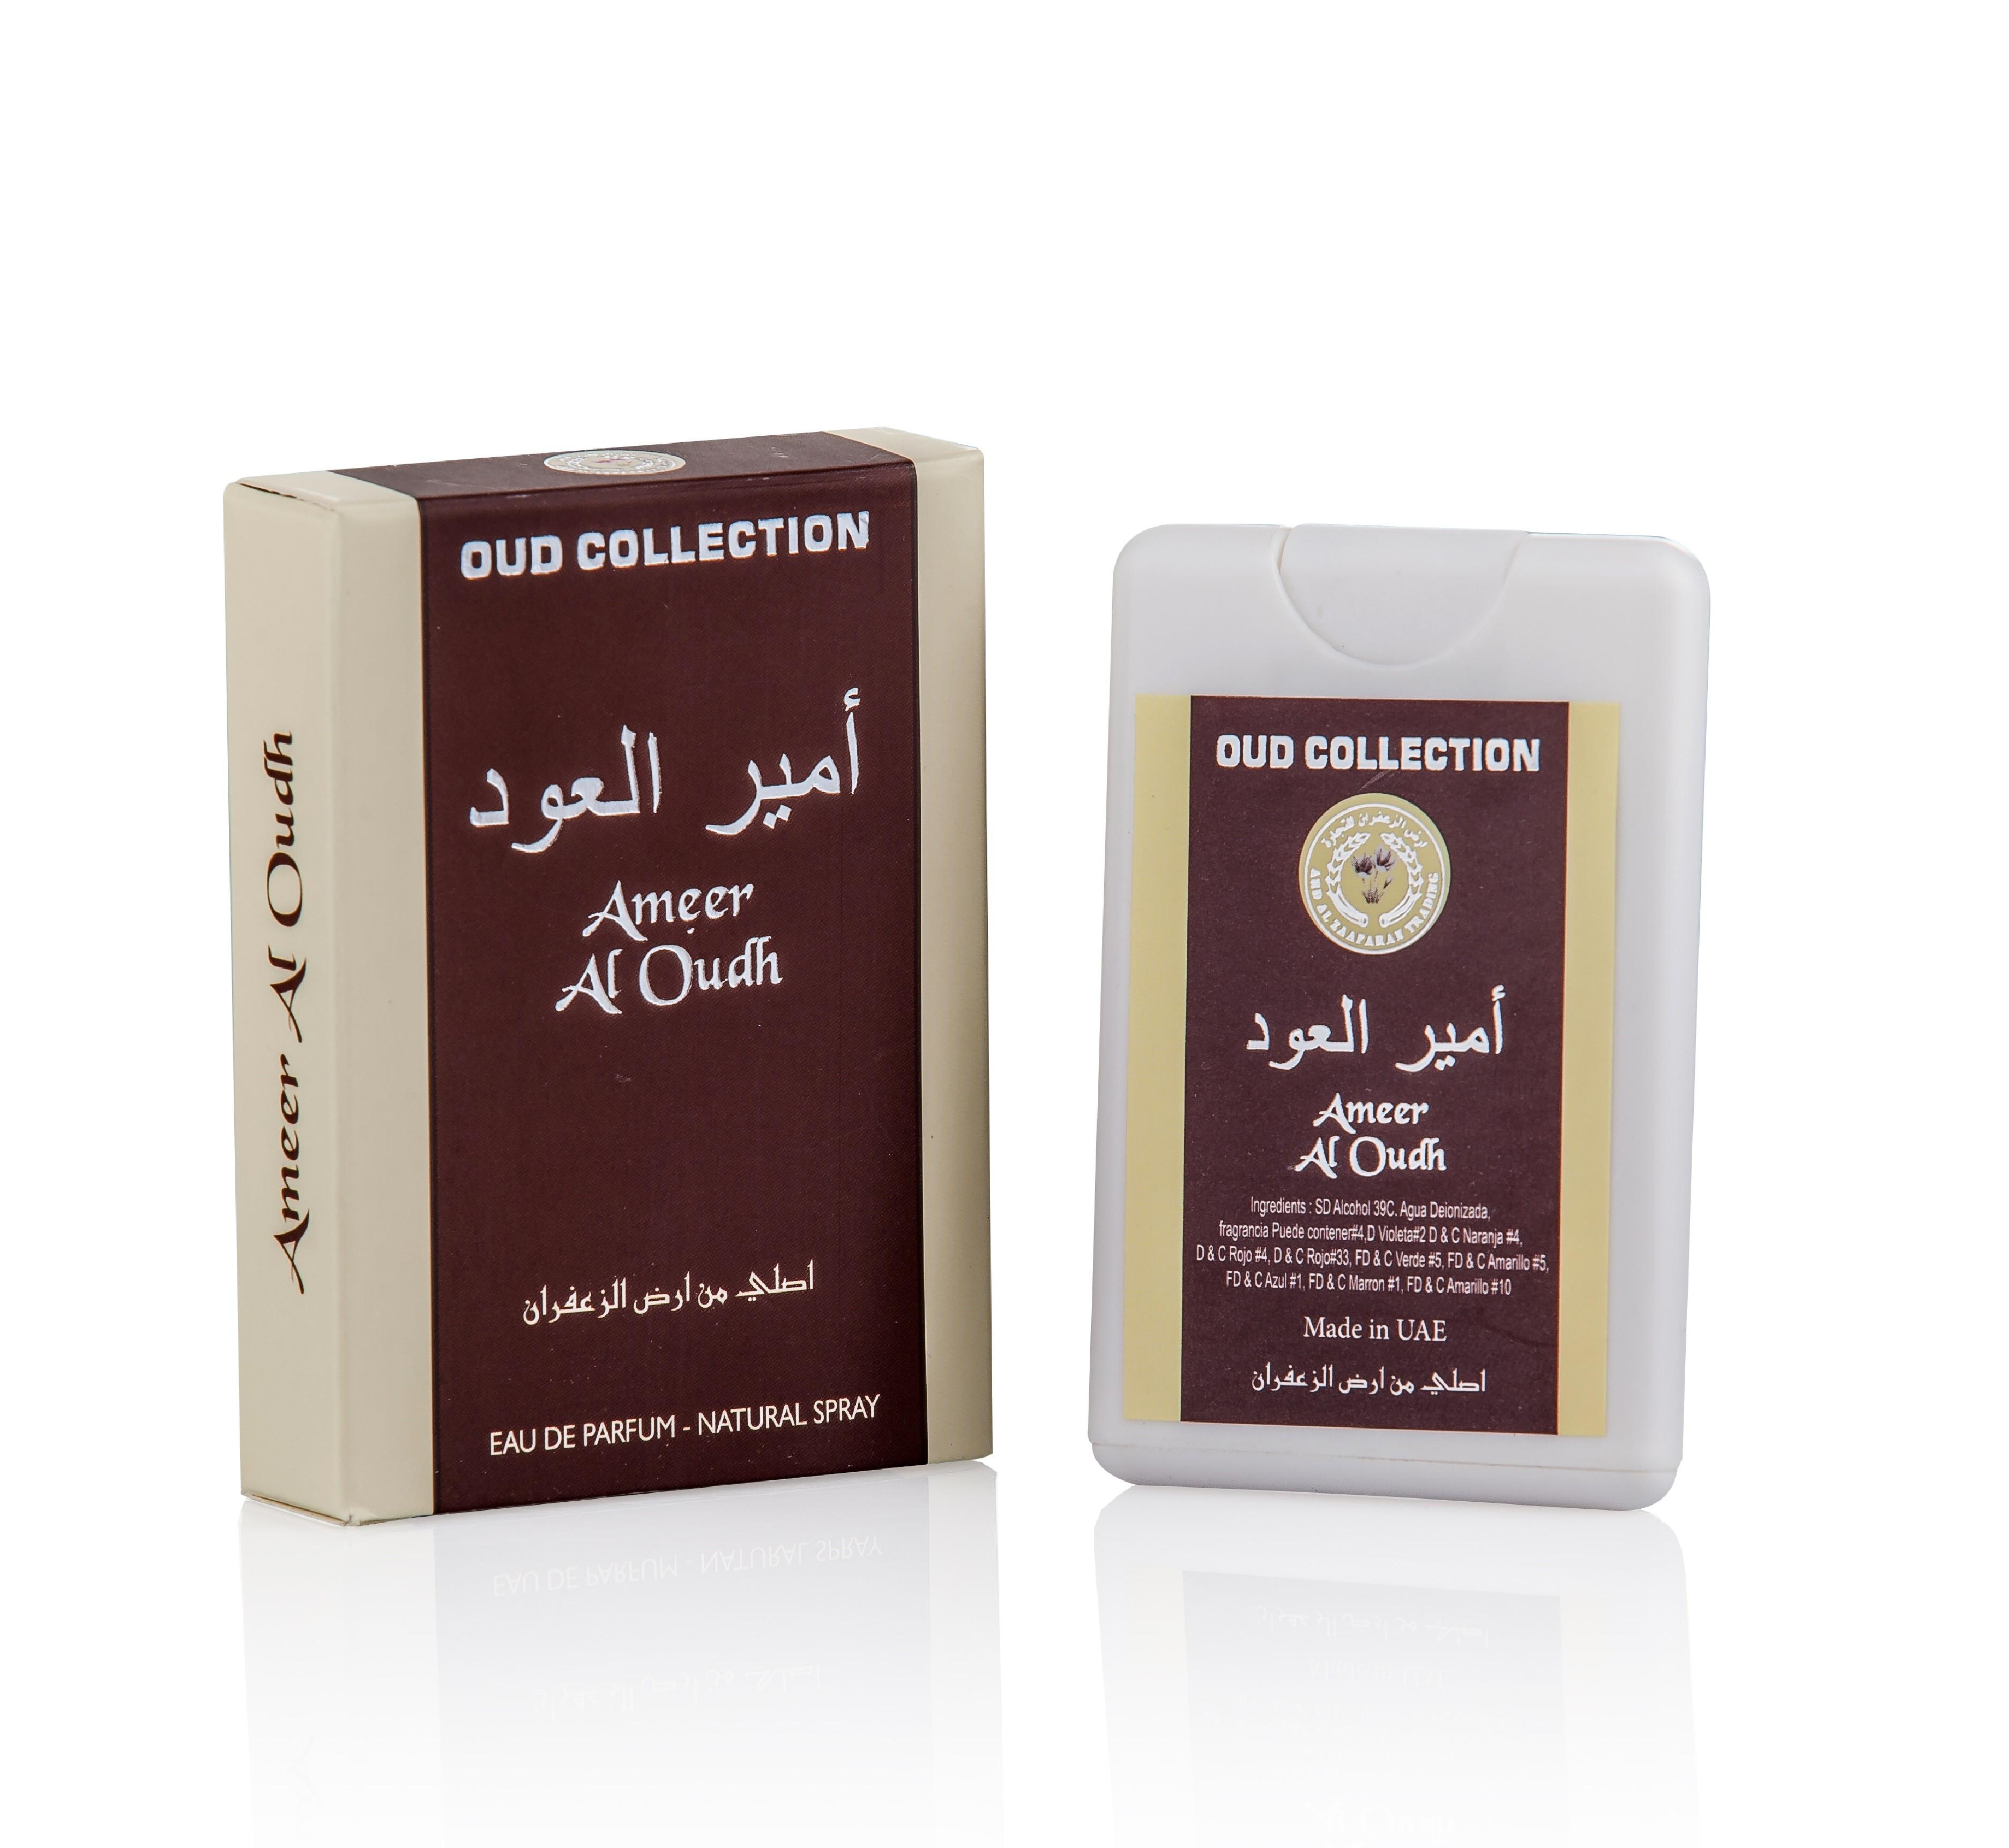 Ameer Al Oudh 20 ml